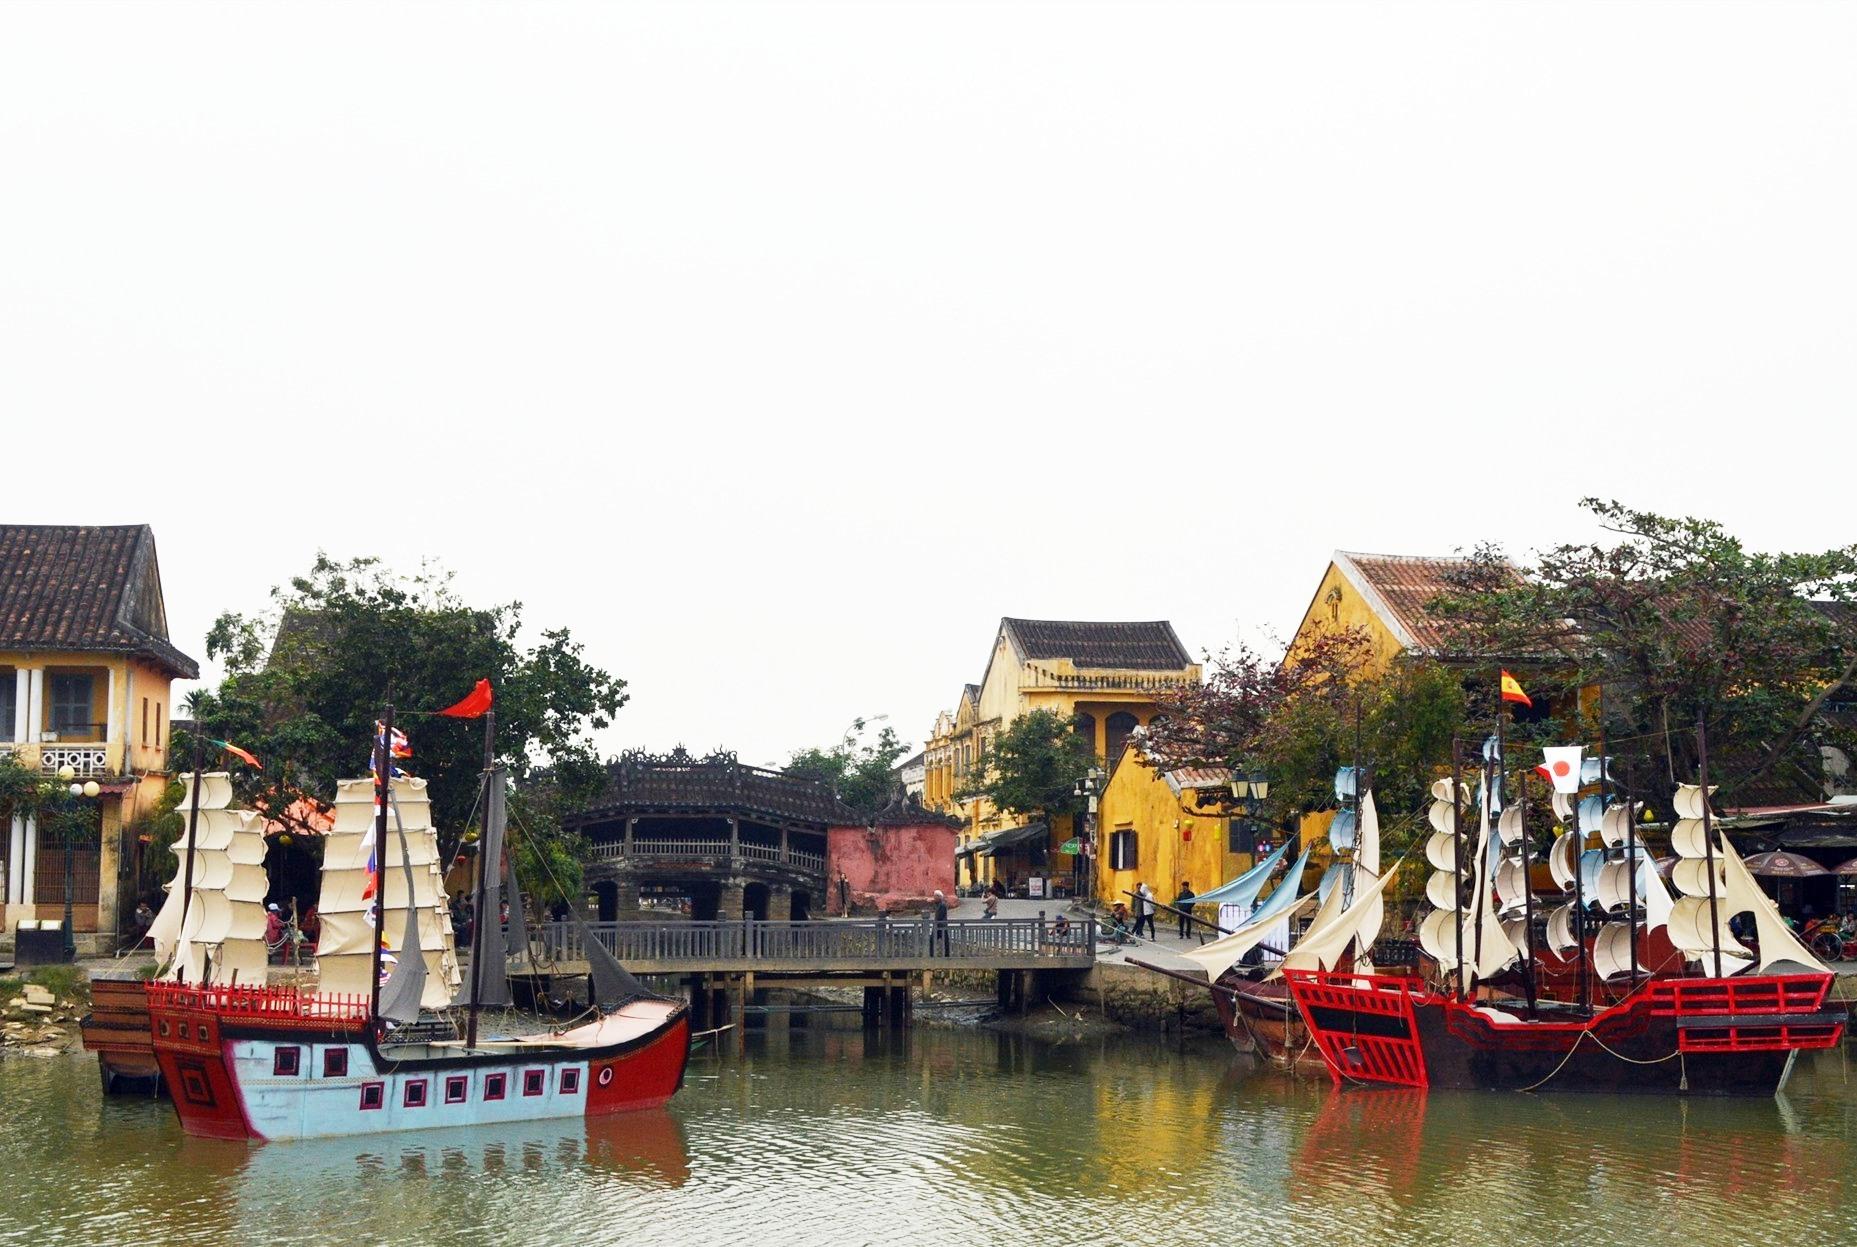 """""""Thương cảng Hội An"""" được tái hiện trên sống Hoài trước Chùa Cầu"""